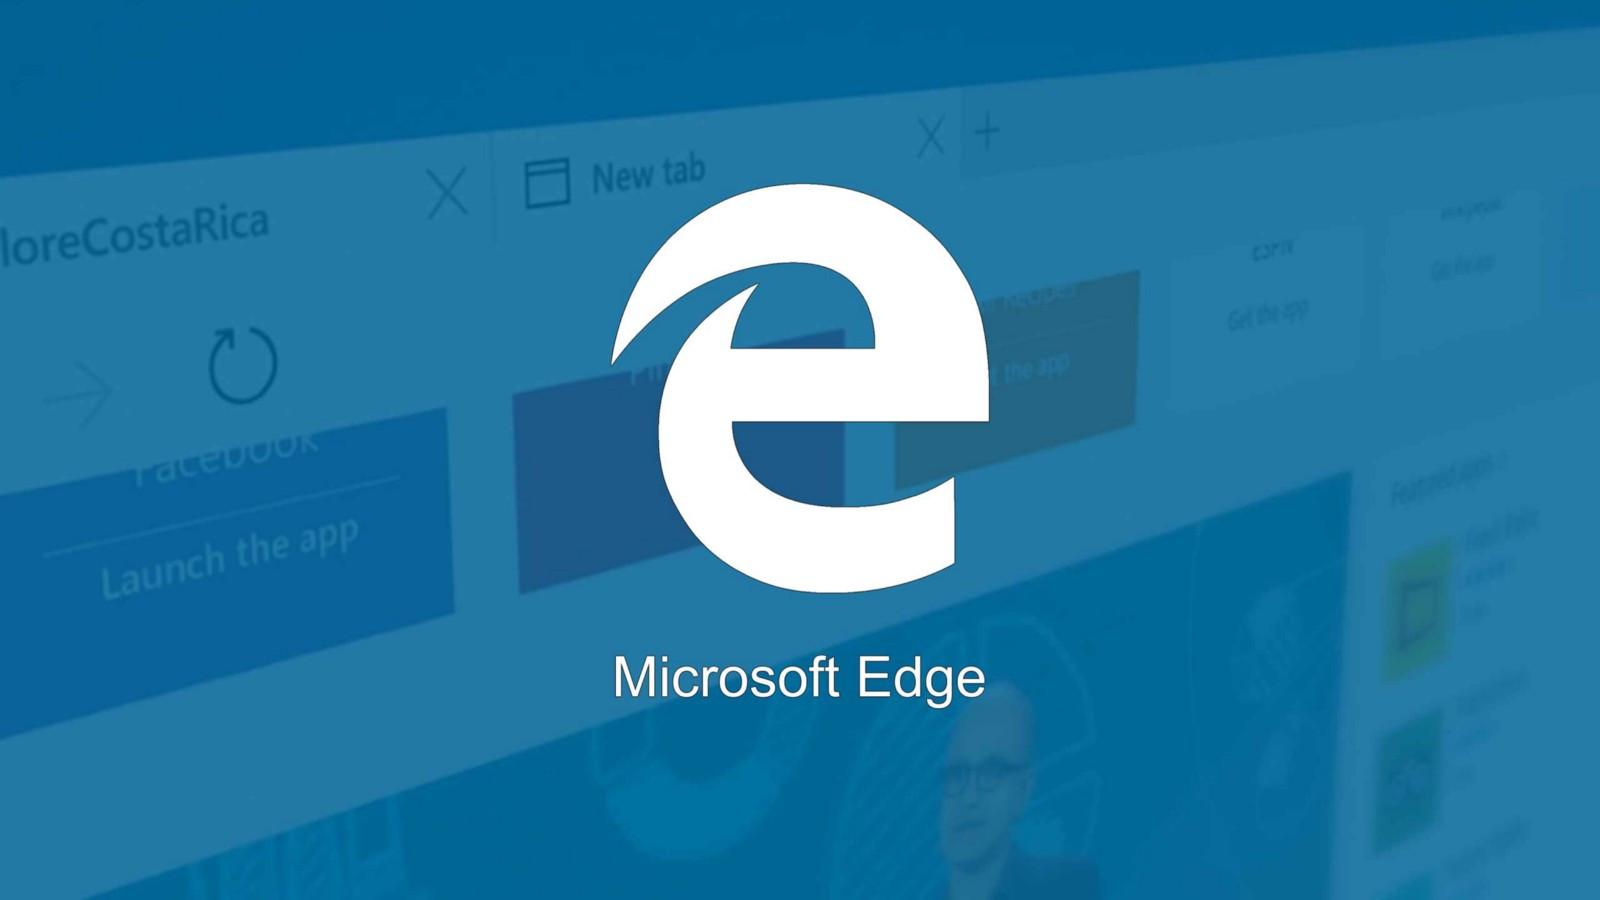 微软在浏览器市场的竞争宣告失败,关键还是我们太爱用 Chrome 了